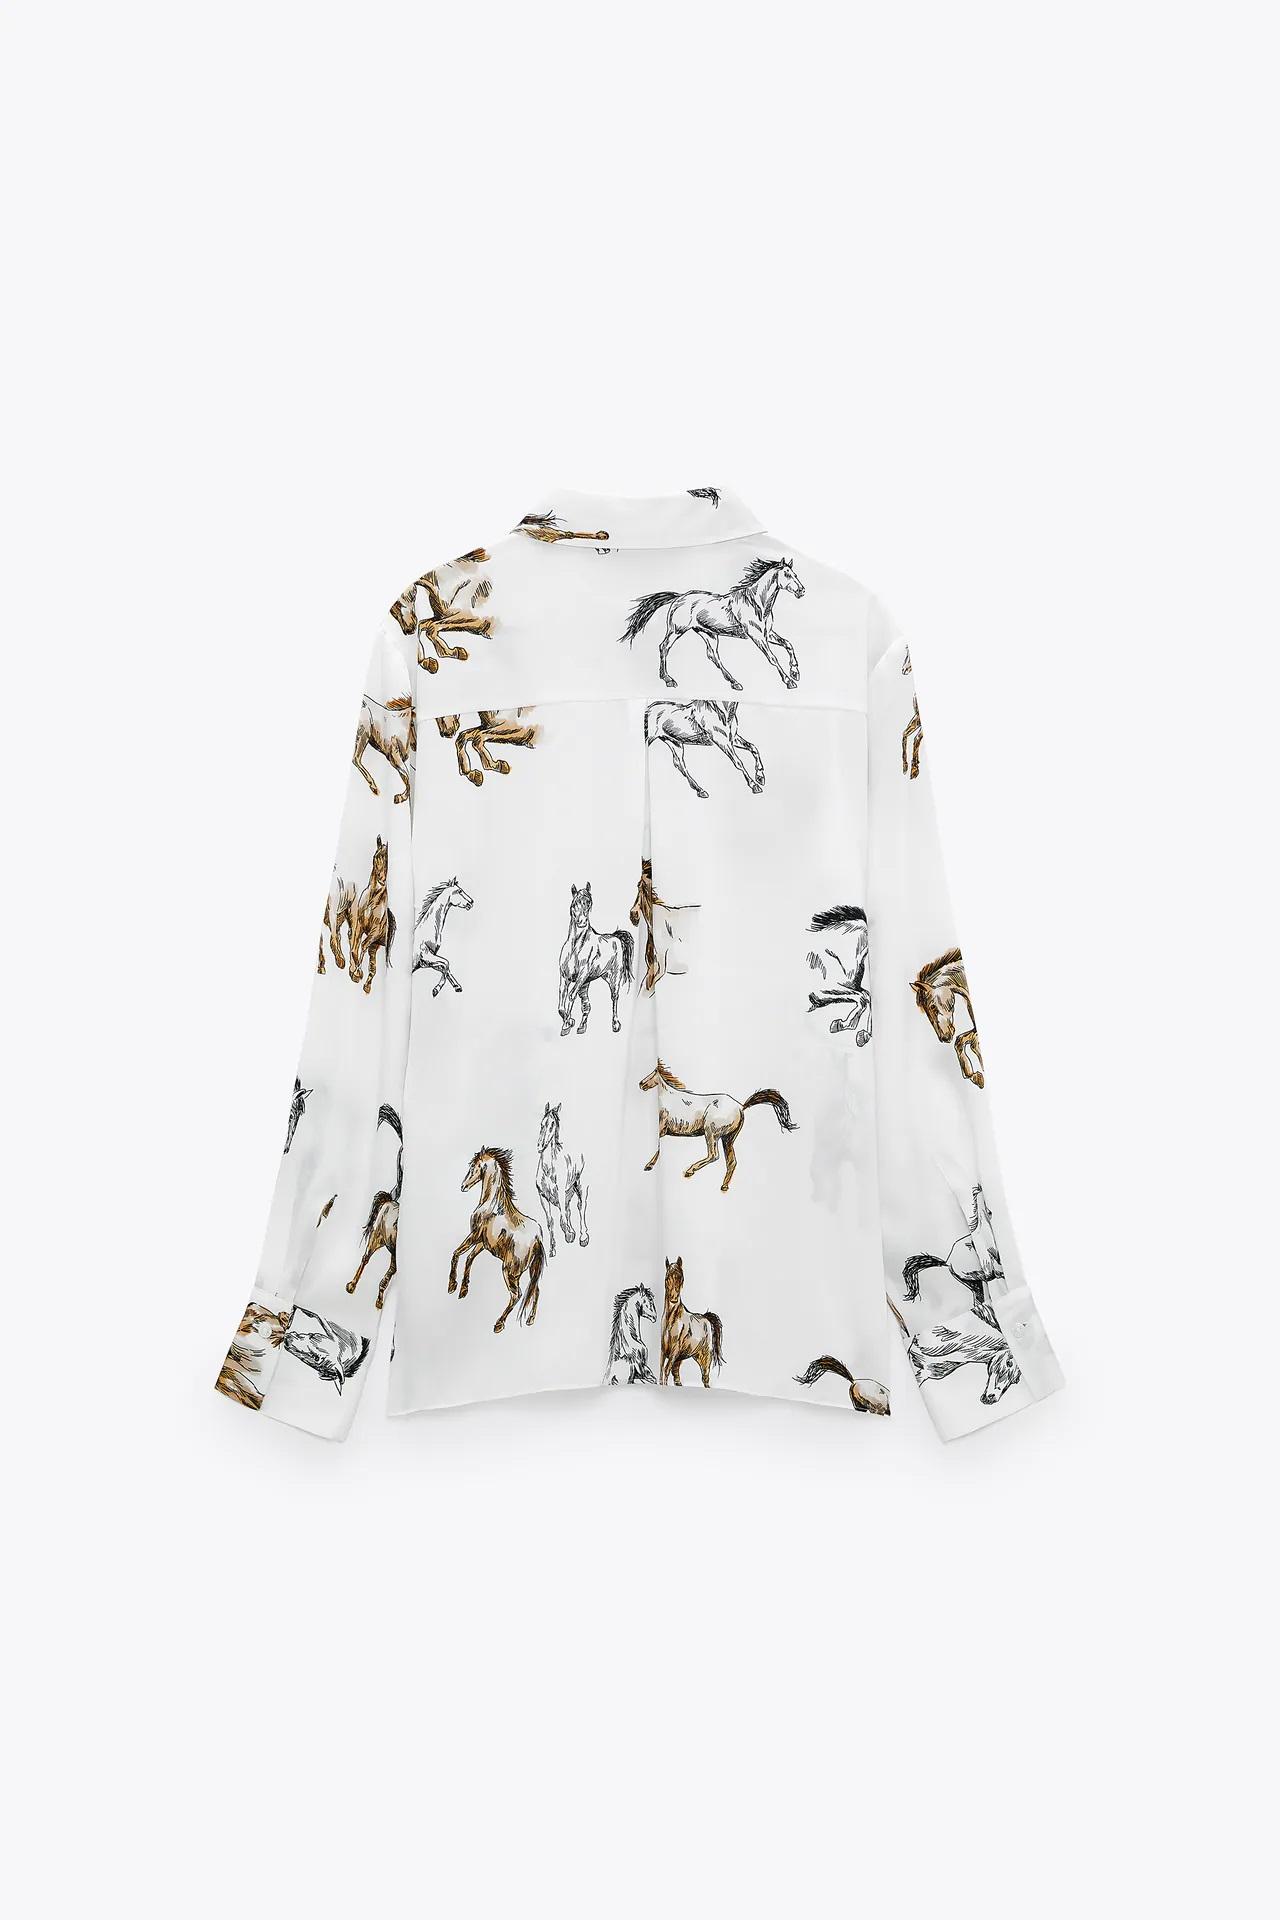 Zara se apunta al horse print, el estampado con caballos que triunfa en las pasarelas